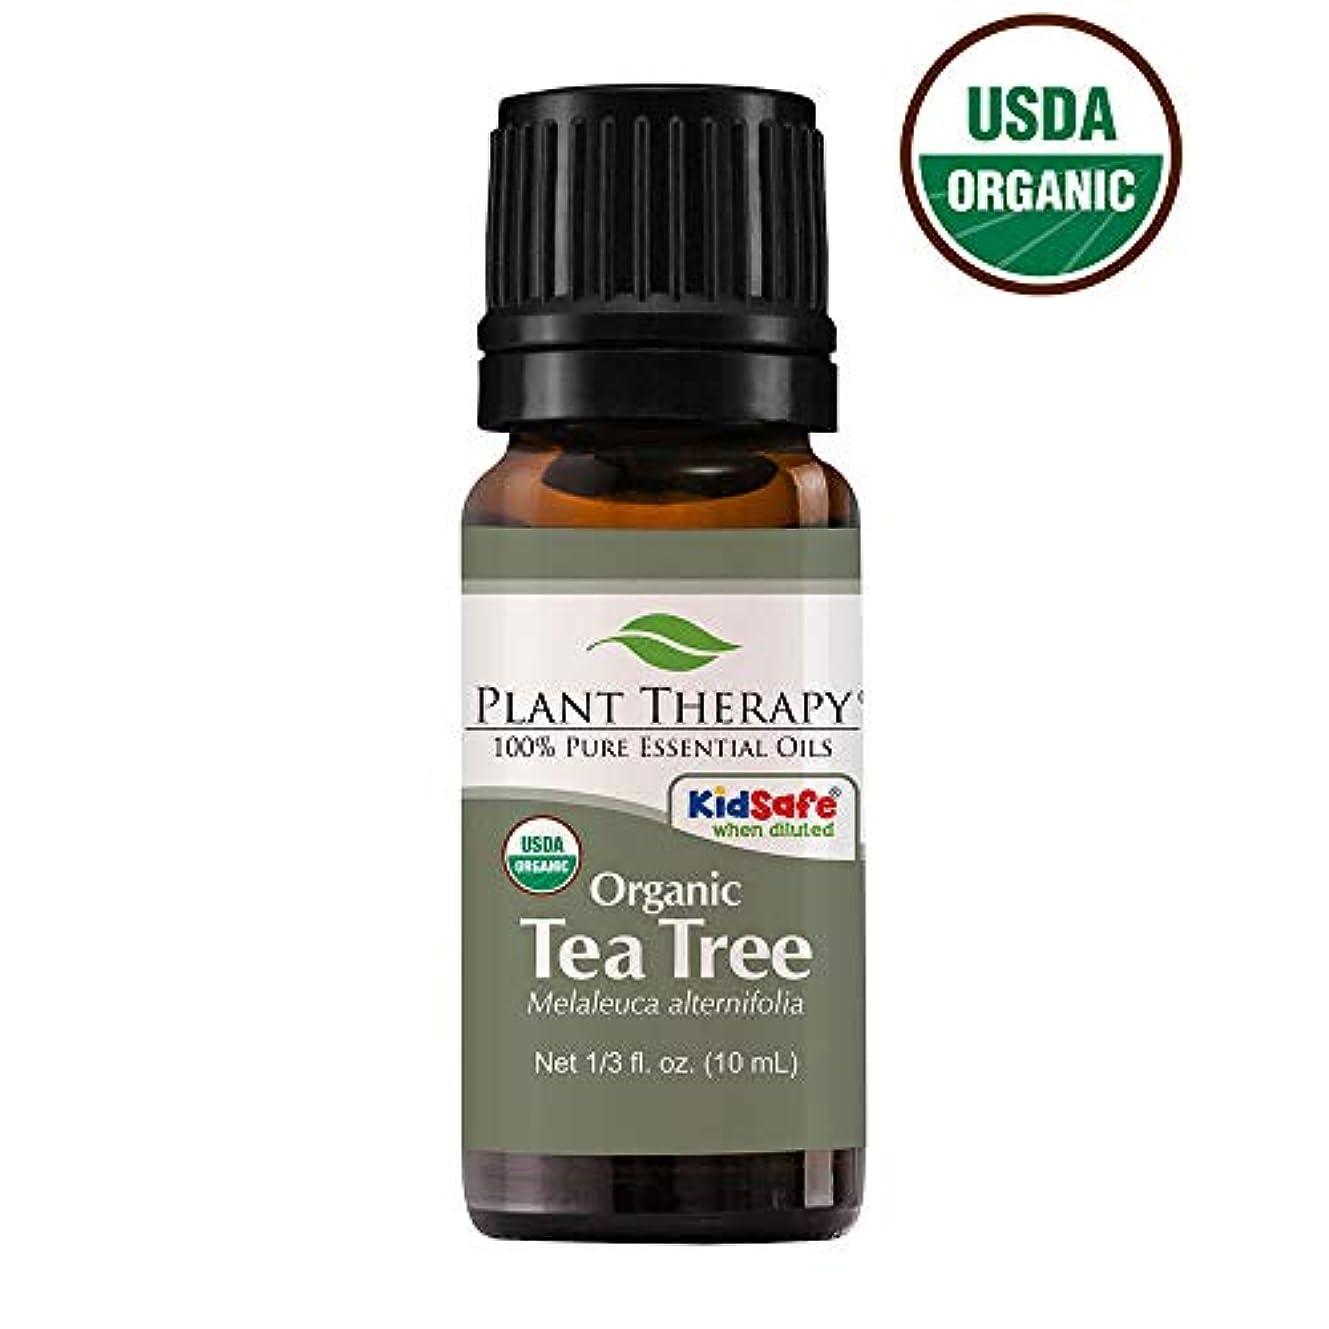 進化する異邦人緩めるPlant Therapy Essential Oils (プラントセラピー エッセンシャルオイル) オーガニック ティーツリー (メラルーカ) エッセンシャルオイル